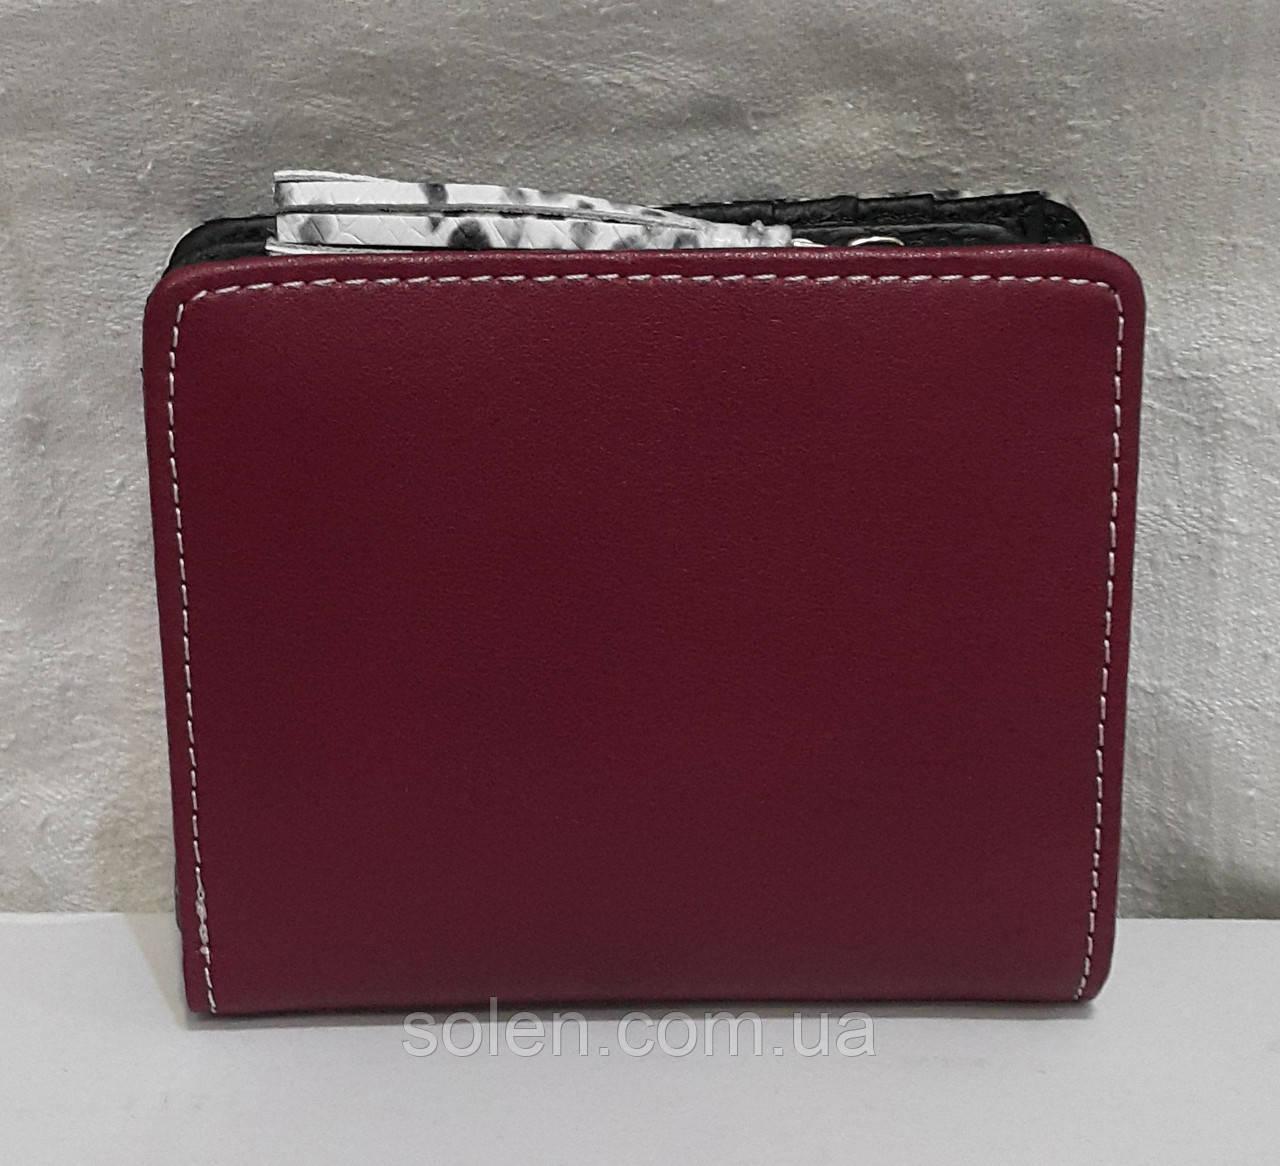 58dd054300ae ... Компактный женский кошелёк. Маленький кожаный кошелёк., фото 4 ...